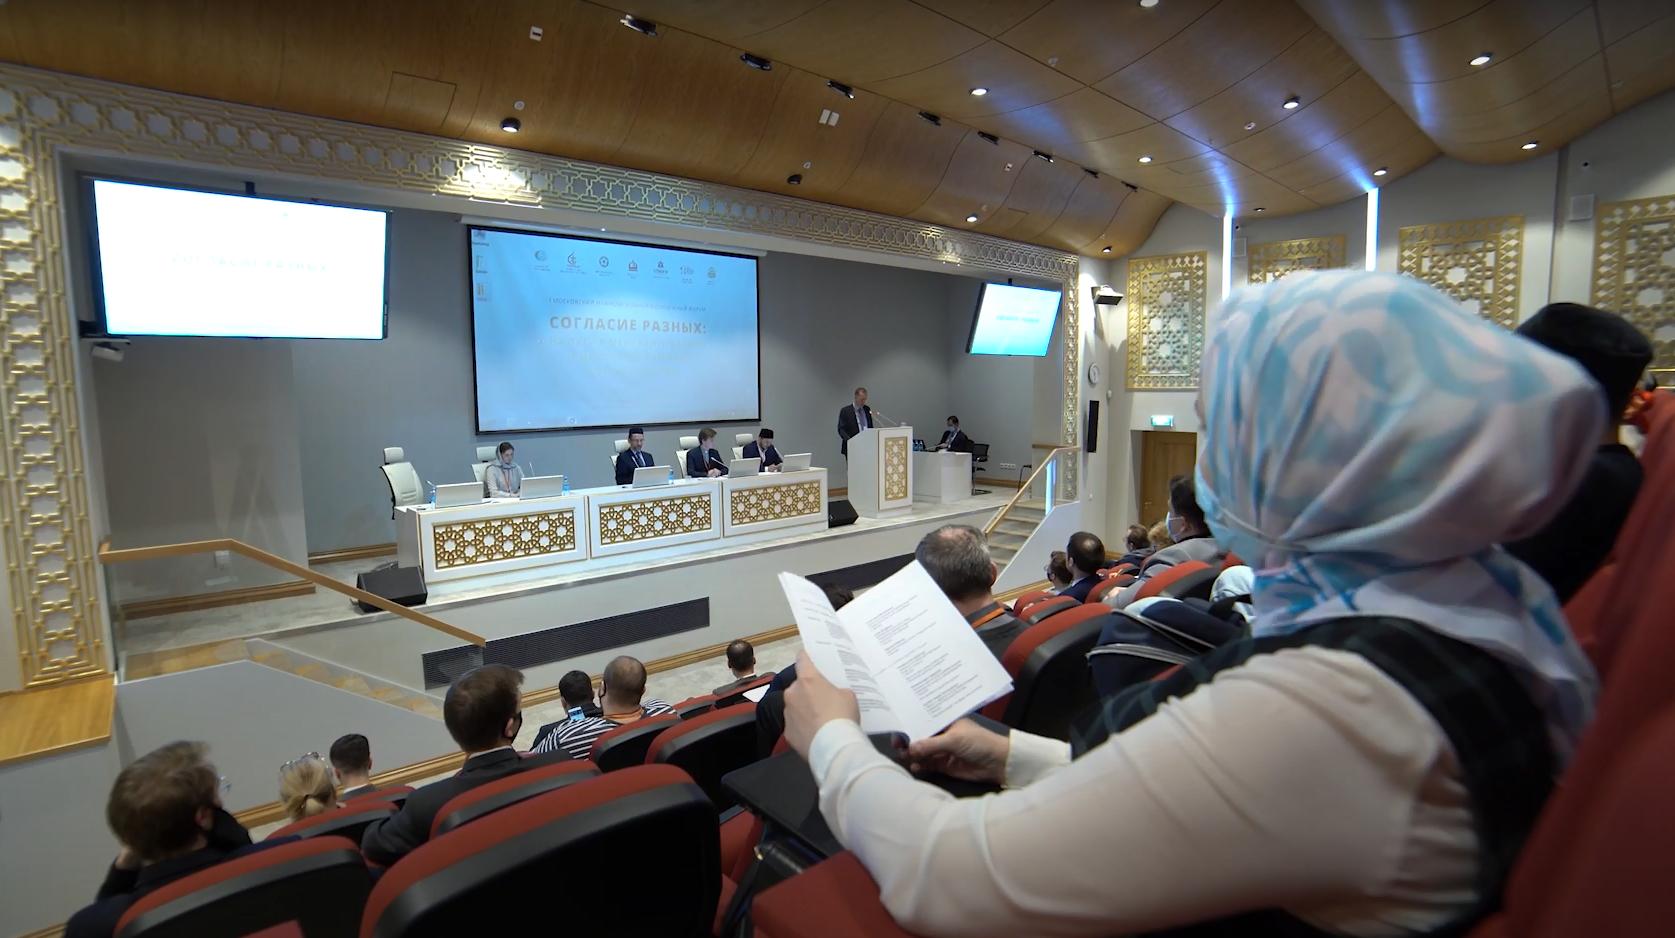 Форум «Согласие разных» в Москве: что обсуждала молодёжь из разных религиозных традиций